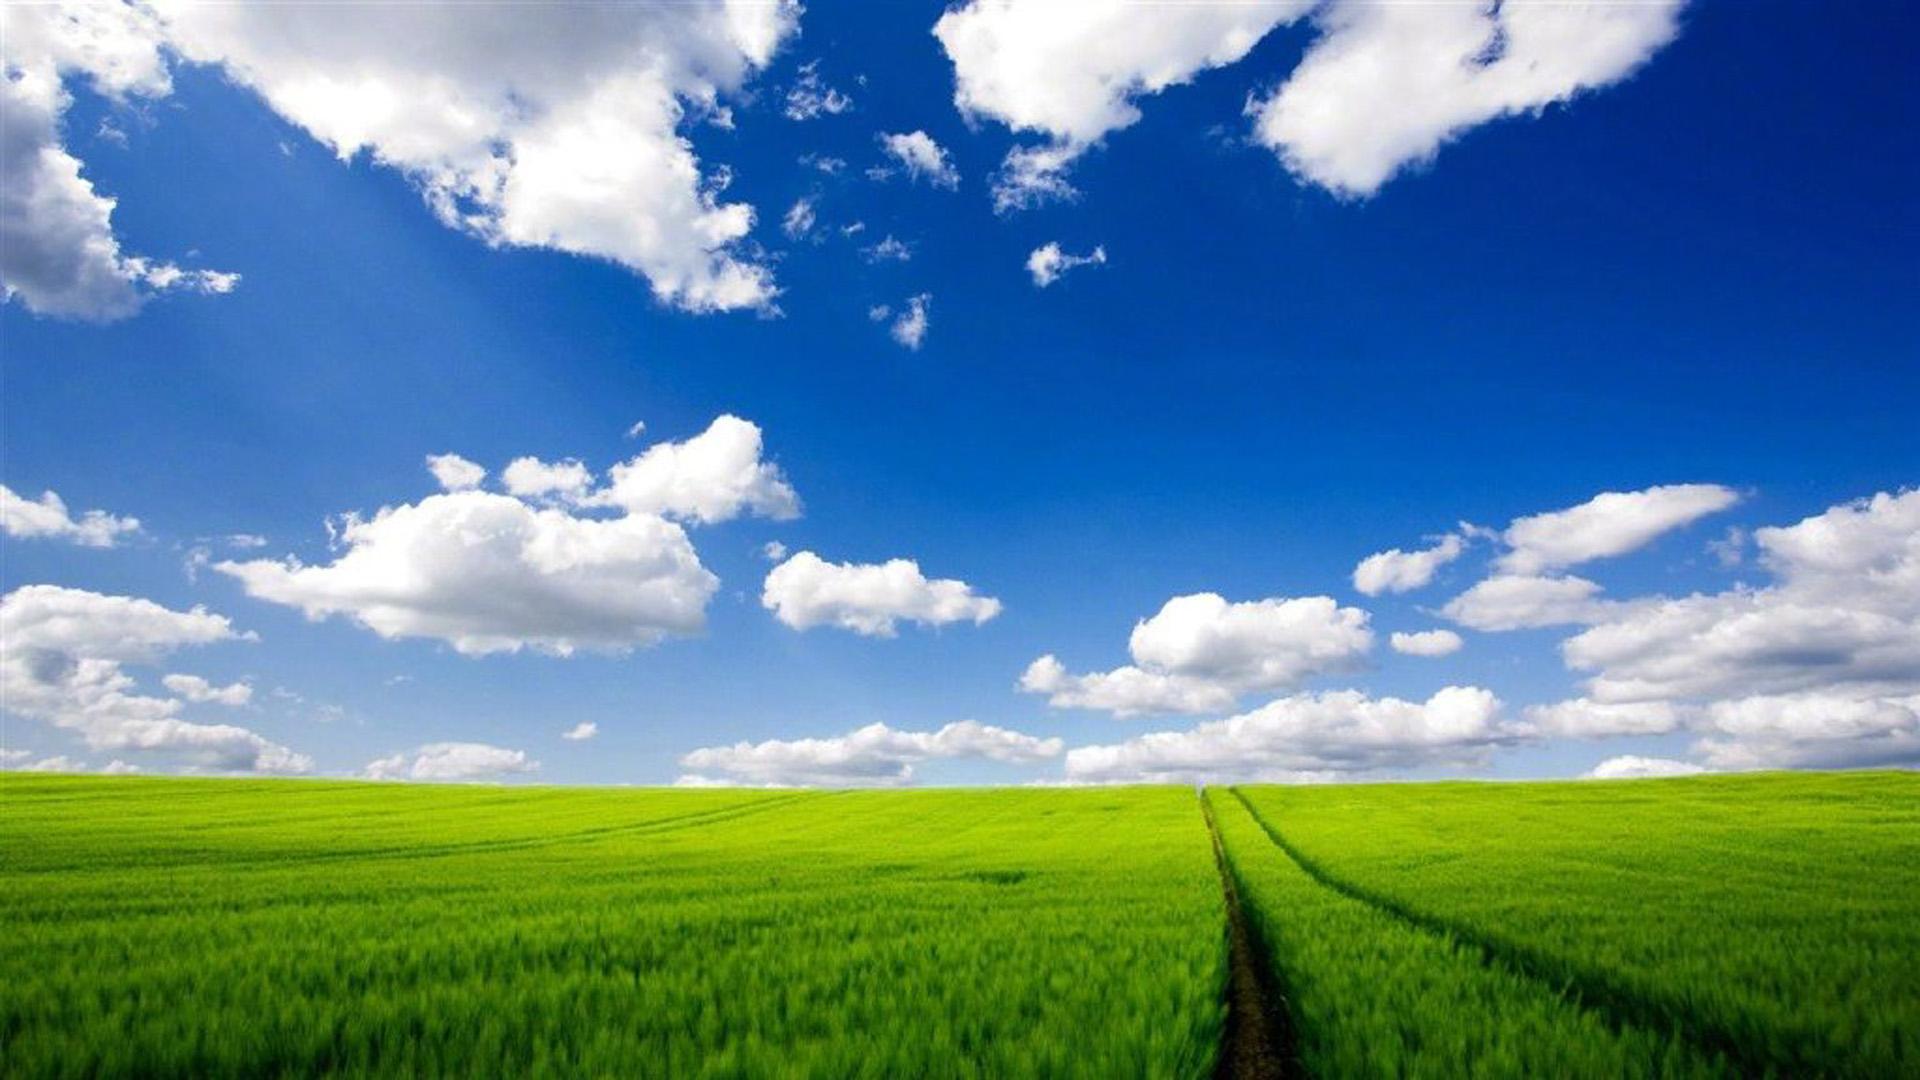 唯美夏日蓝天白云风光图片高清壁纸